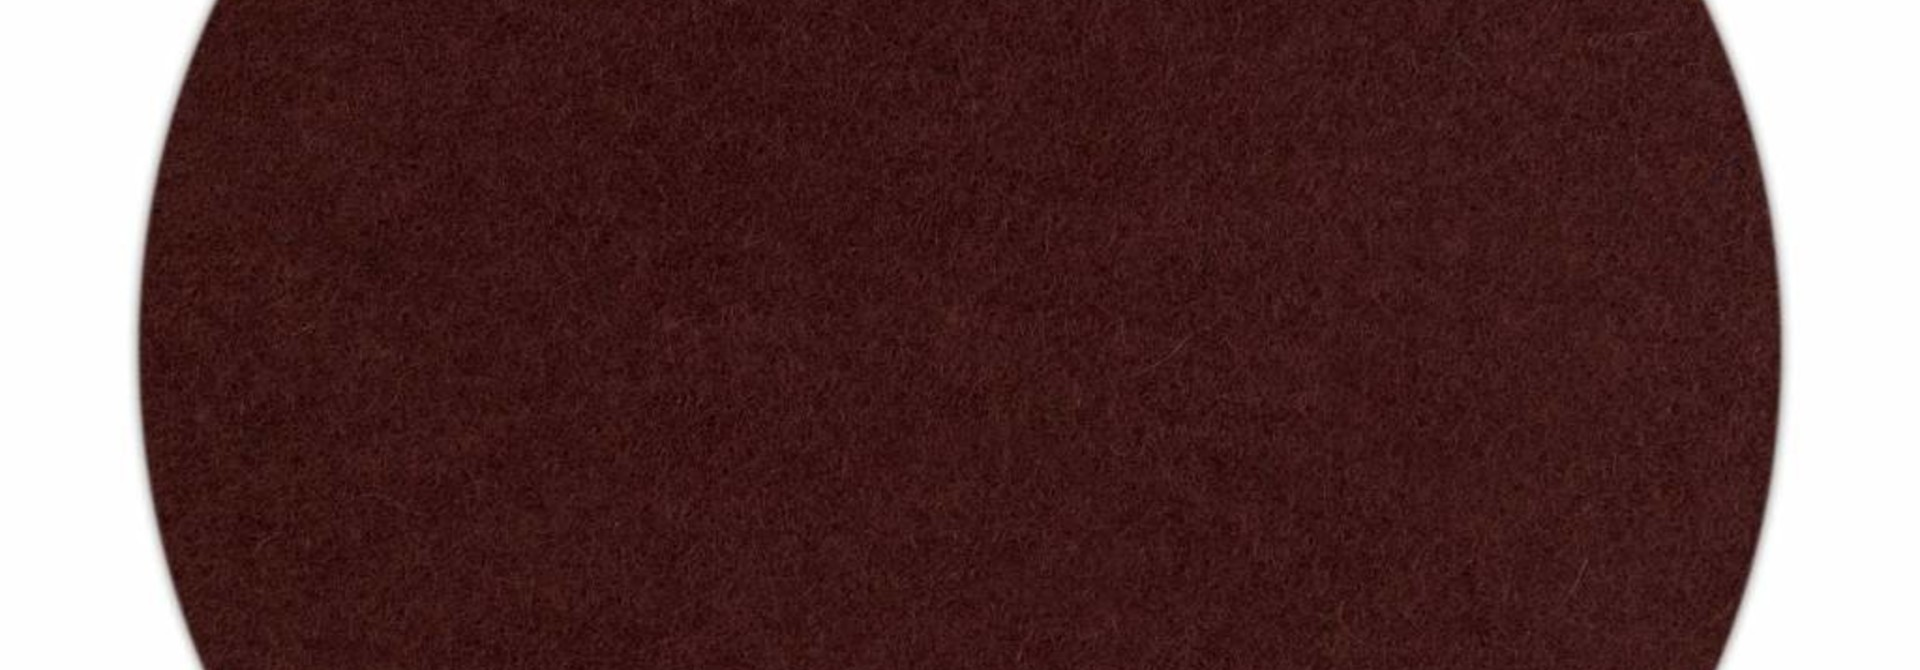 HomePod felt coaster Dark-Brown